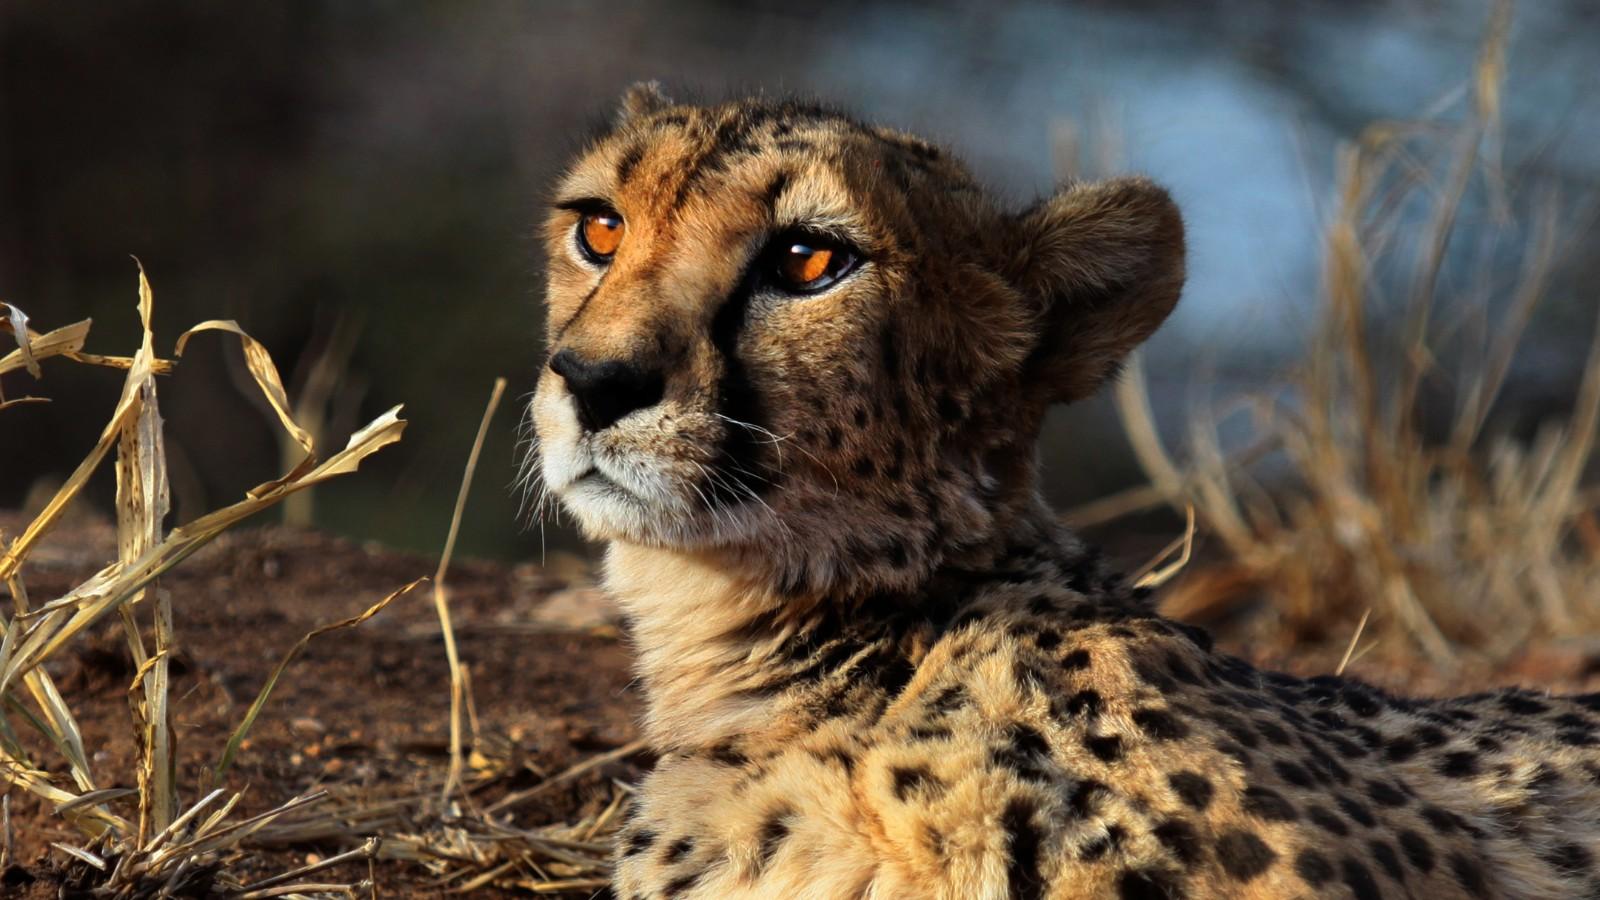 Investigadores creen que solo quedan unos 7.100 guepardos en el mundo.